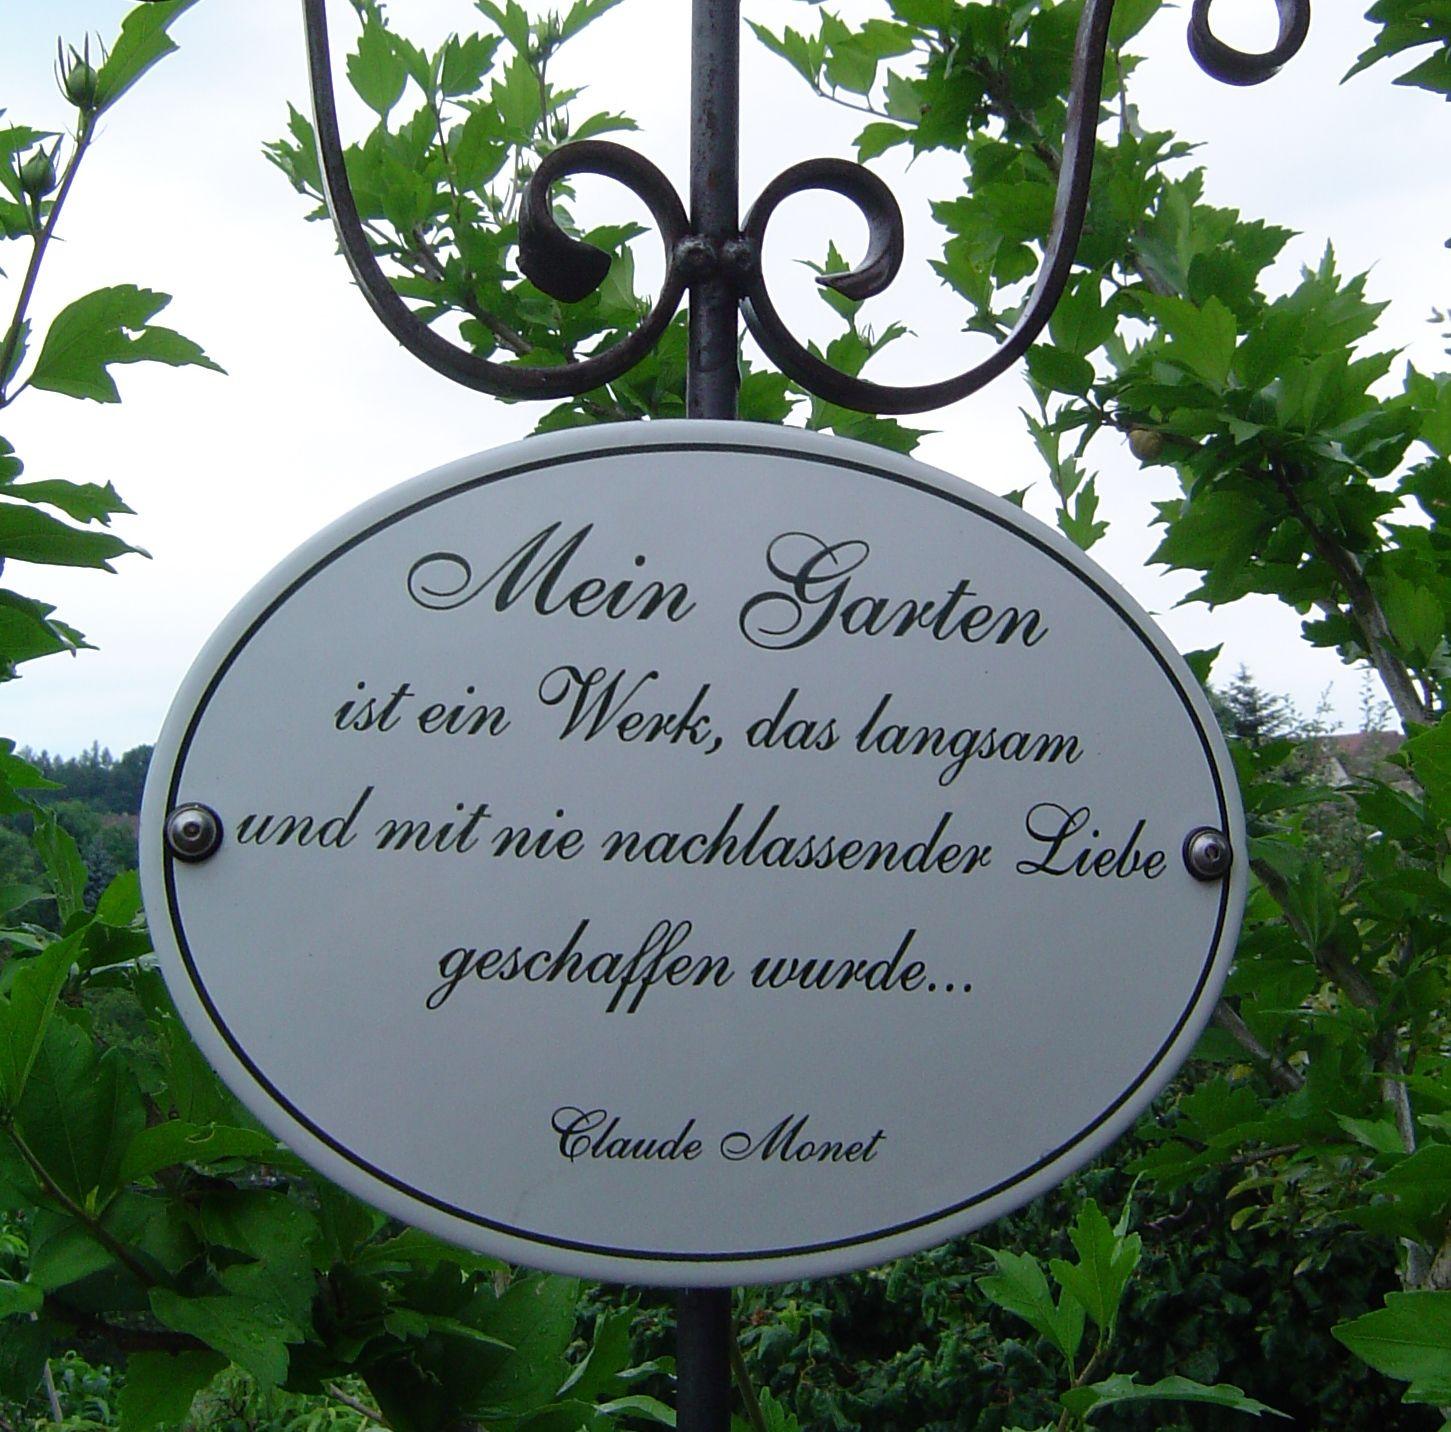 Kunst Im Garten Mit Dem Klassischen Monet Spruch Als Dauerhafte